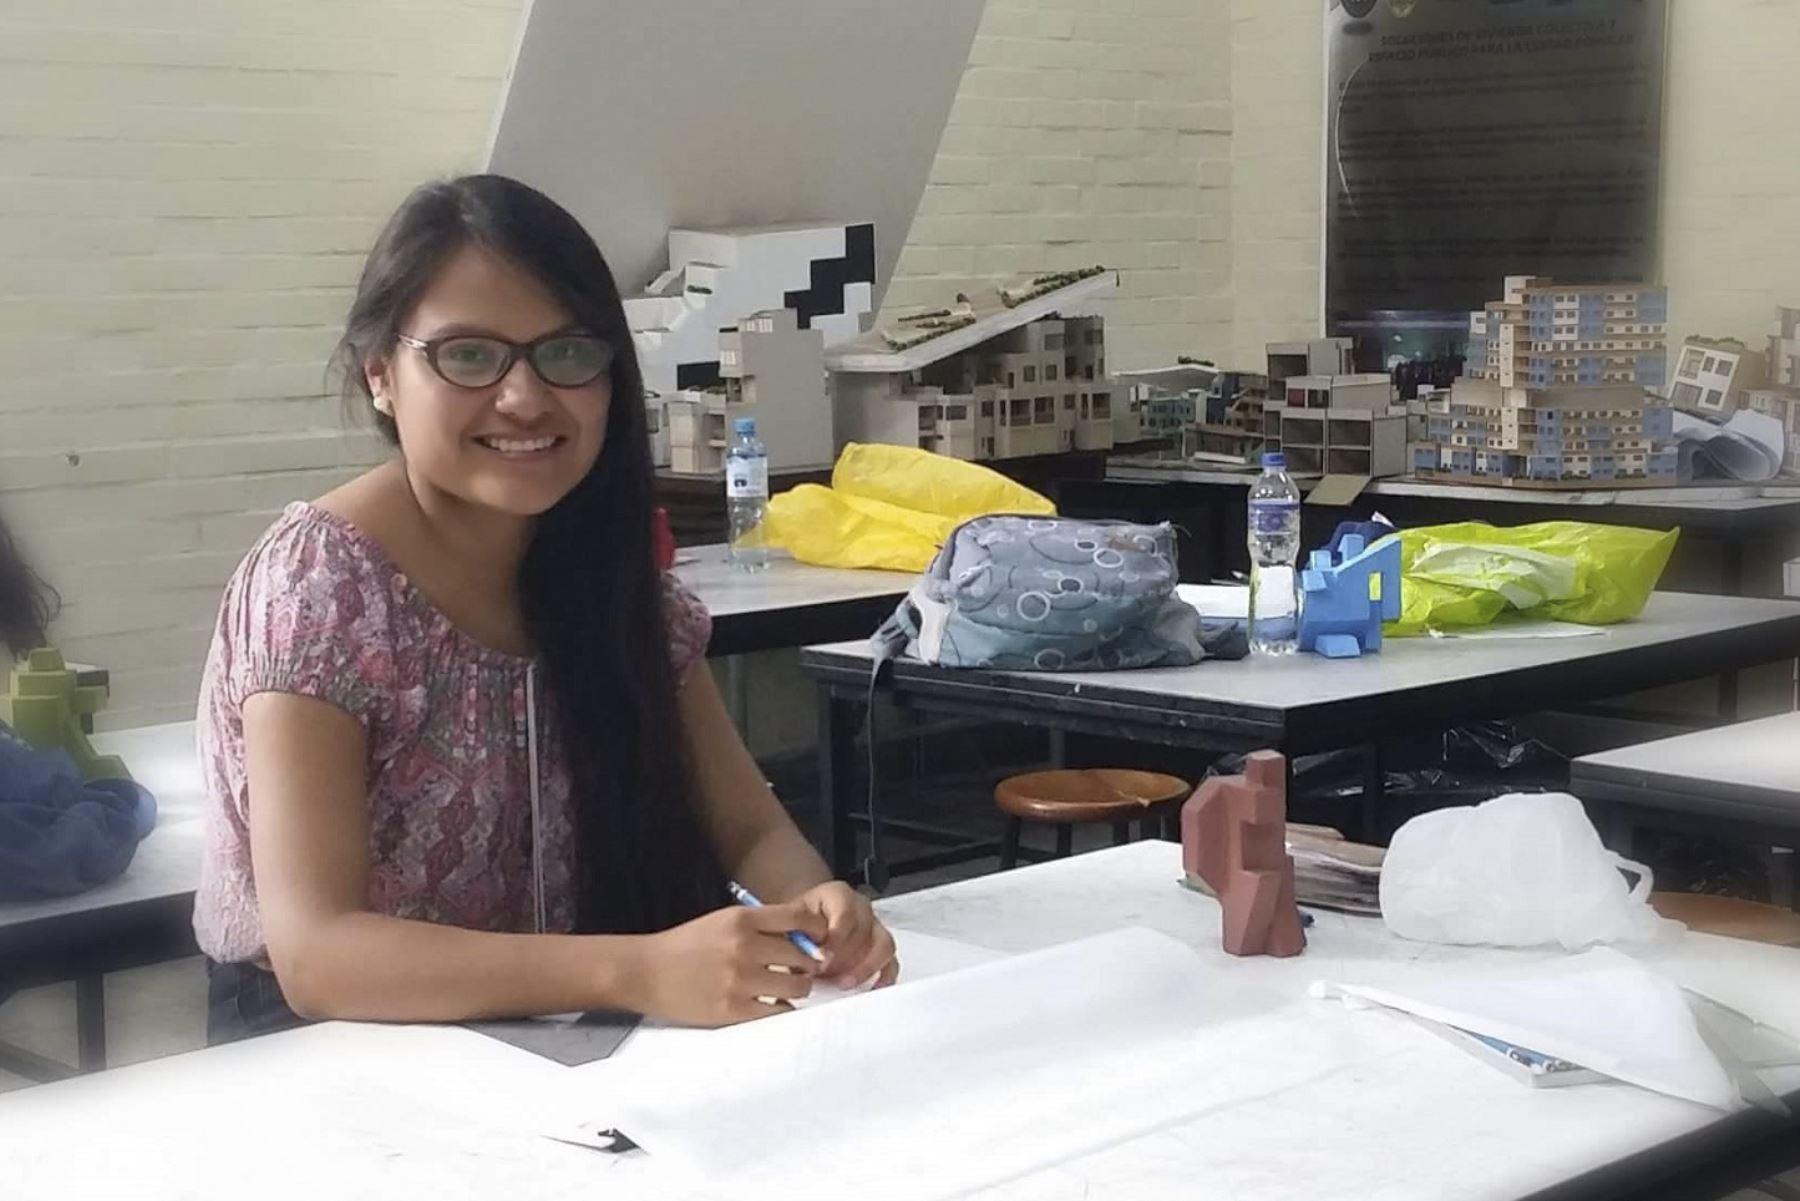 Marcela Valdeavellano ganó la Beca Permanencia de Pronabec en el 2017. Le ha permitido continuar sus estudios de Arquitectura y convertirse en líder en la Universidad Nacional de Ingeniería (UNI)